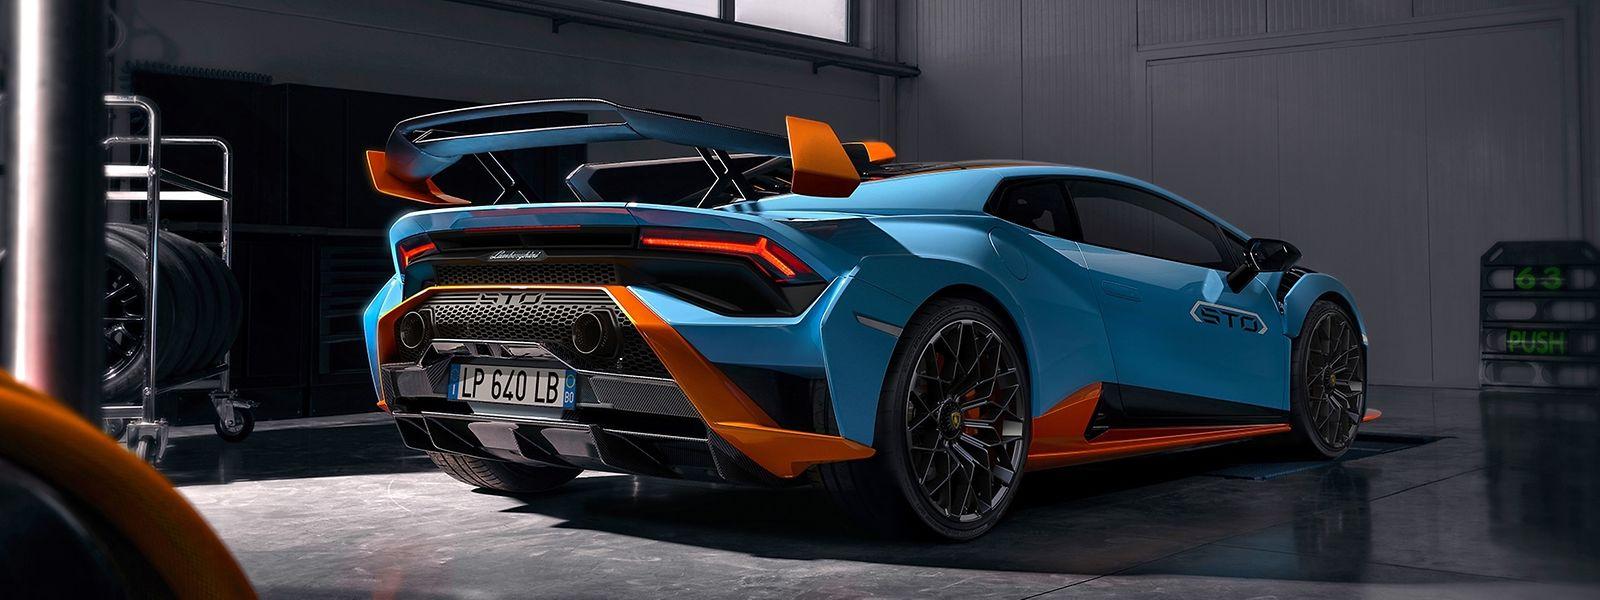 Sportwagenbau gilt als Königsdisziplin der Automobiltechnik – vieles davon wird im Zeitalter der Elektromobilität obsolet - während Lamborghini und Porsche aus dem VW-Konzern bereits umrüsten, hadern andere mit dem Wandel.